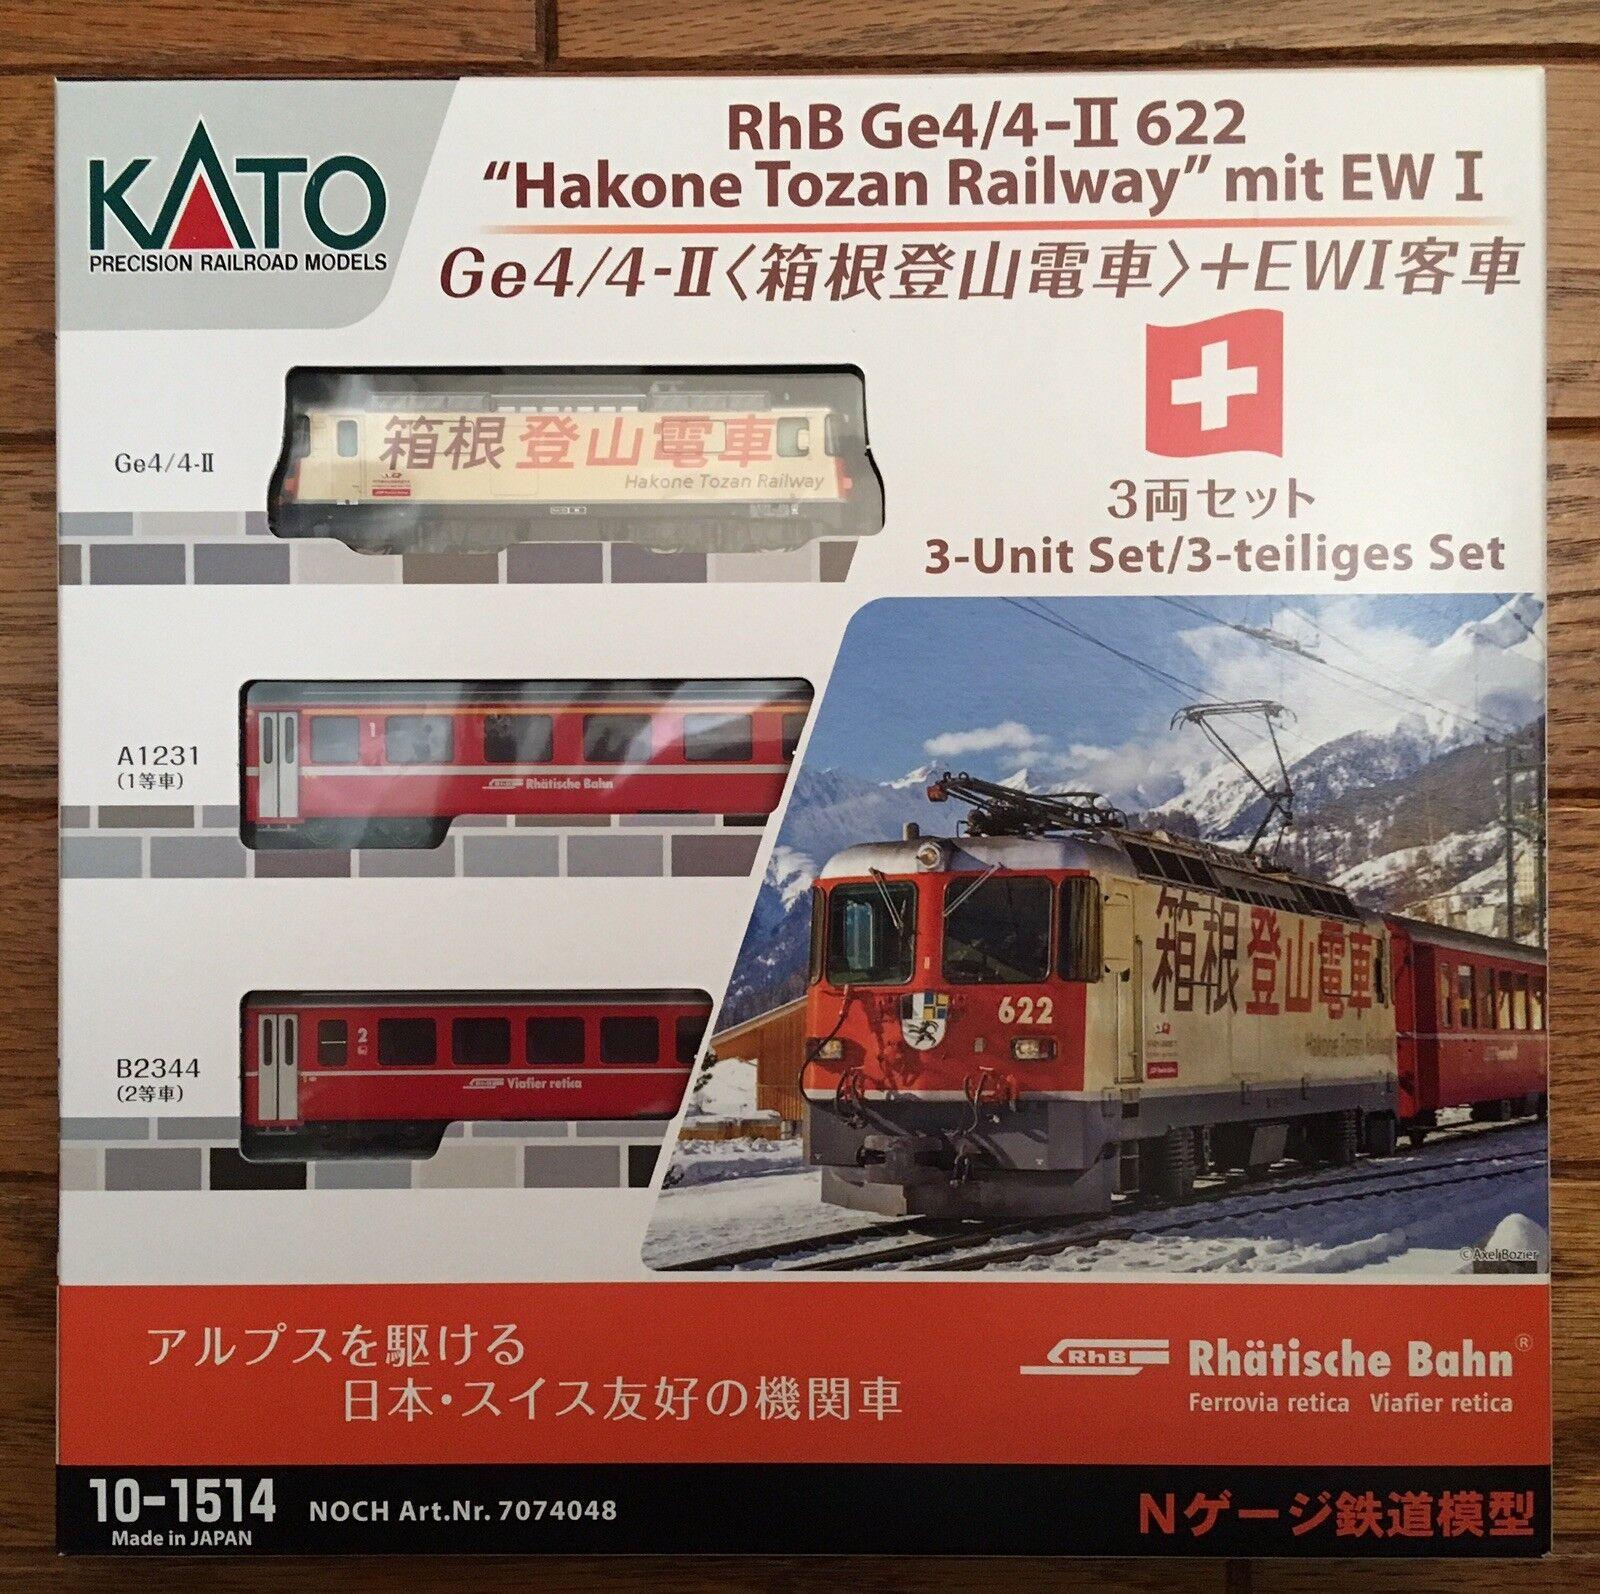 Kato 10-1514 RhB ge4 4-ii 622-Hakone Manga Railway with EW I-N Gauge